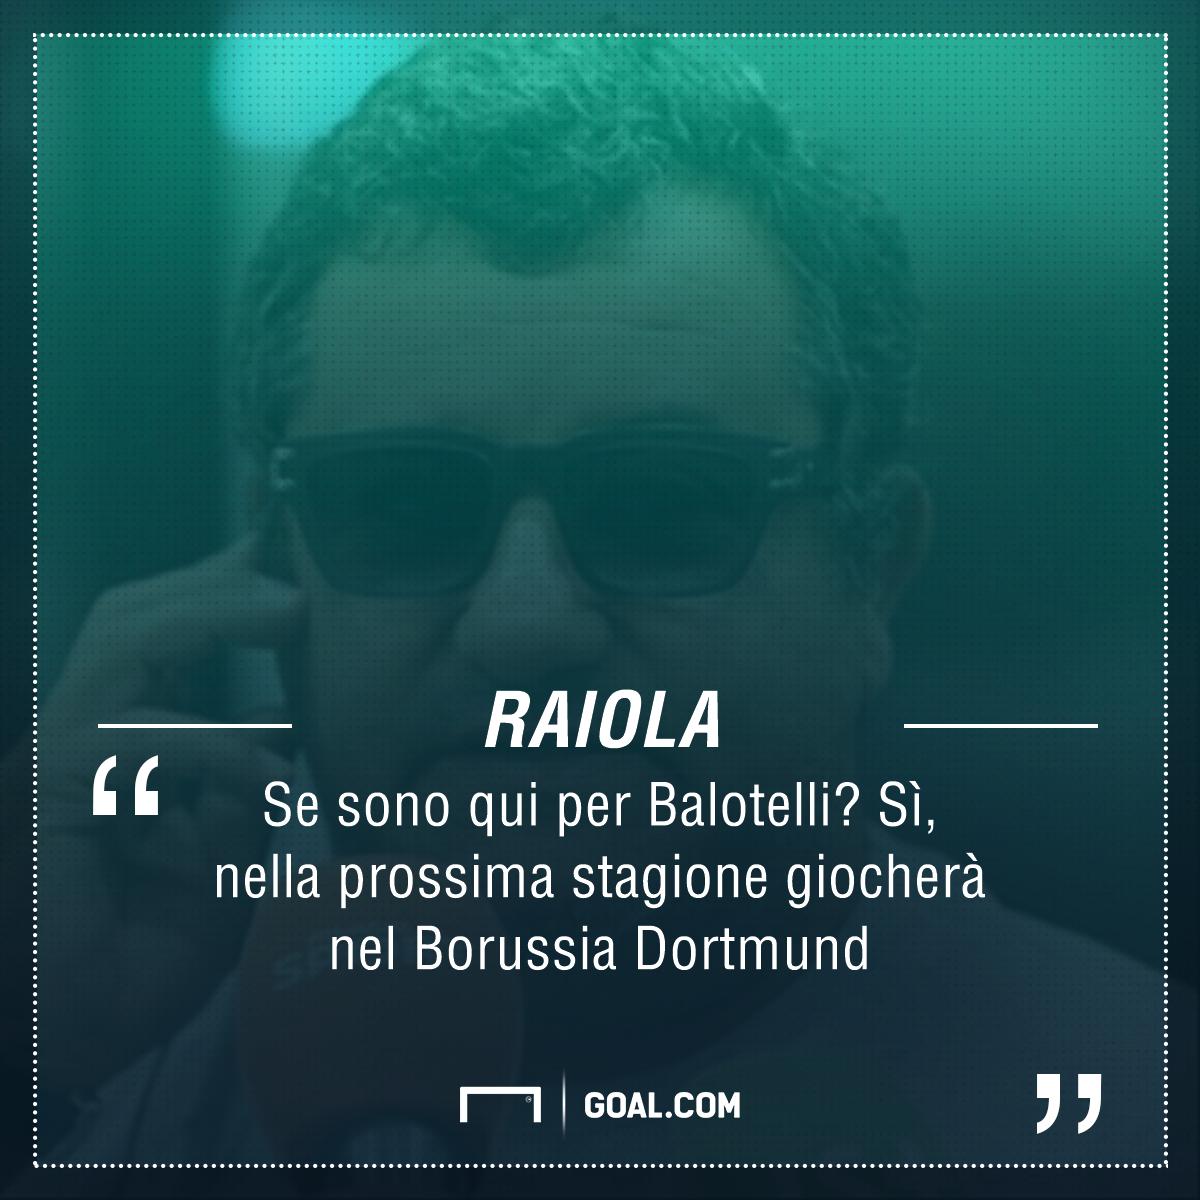 Raiola Balotelli Borussia Dortmund PS